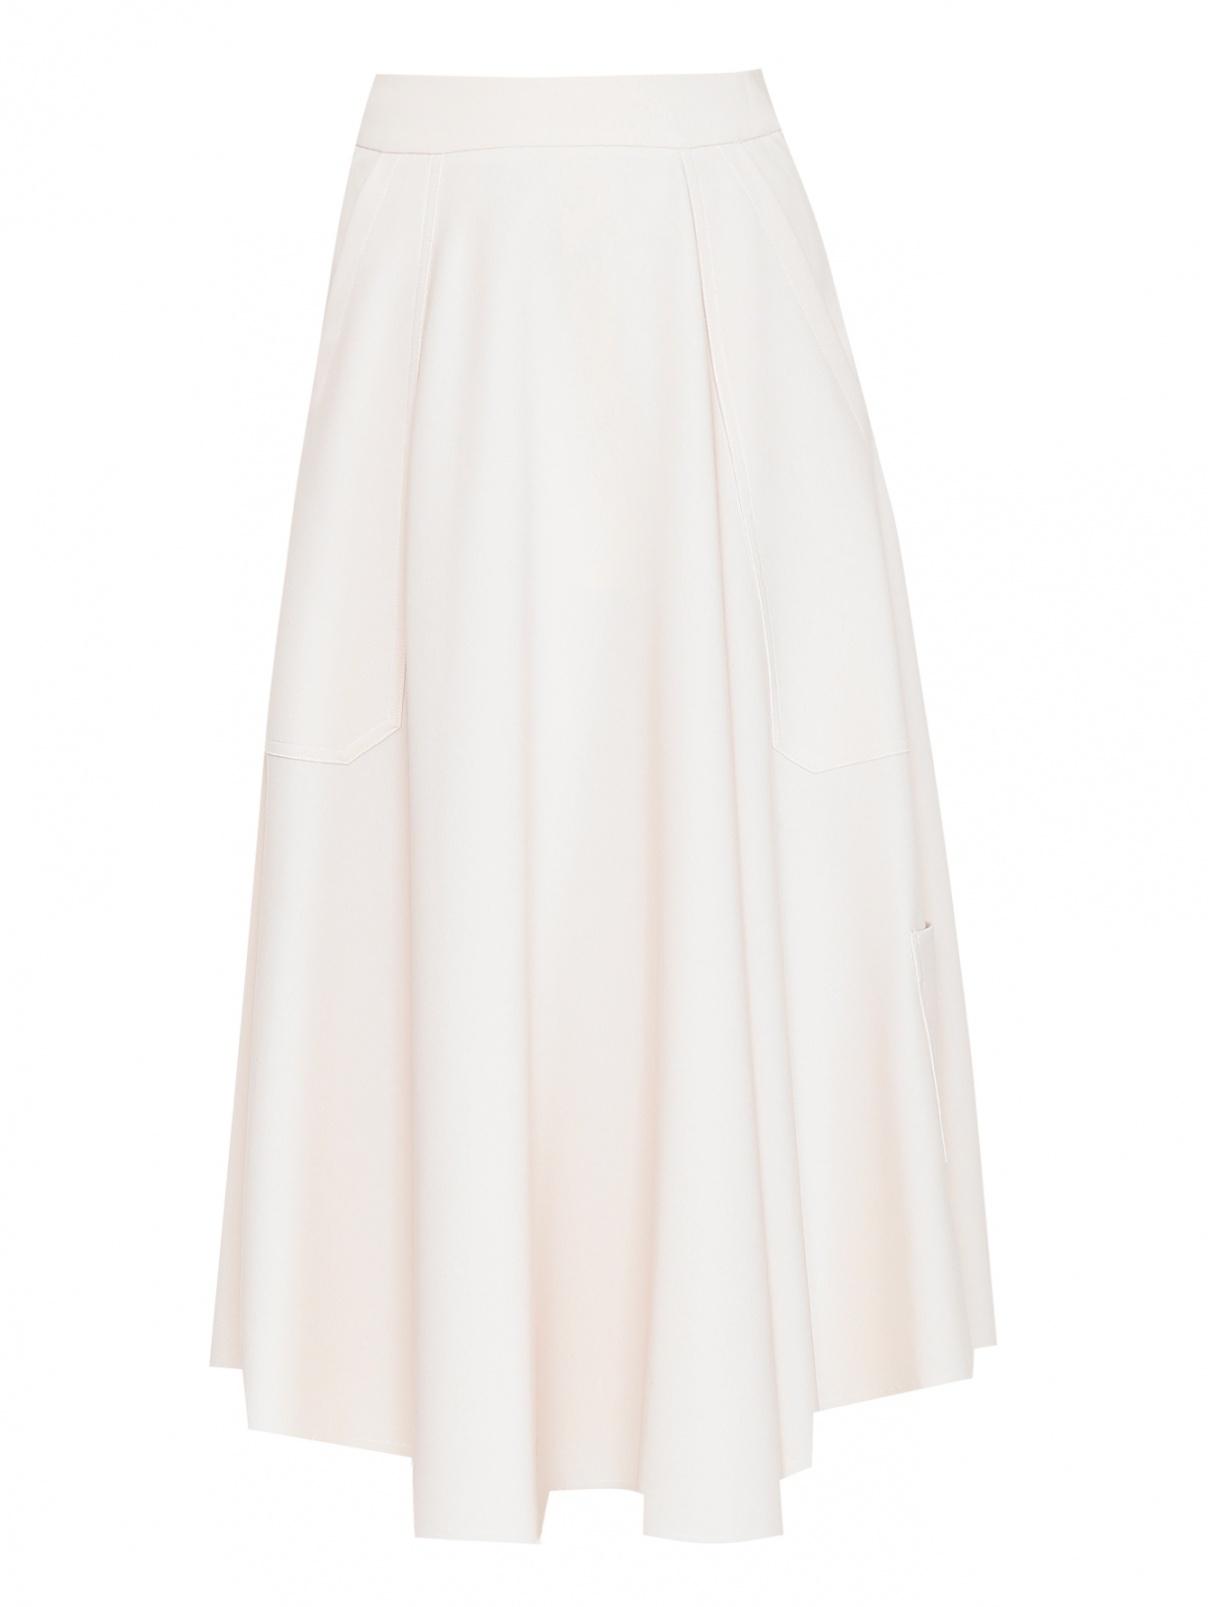 Юбка-миди расклешенного кроя с карманами Alysi  –  Общий вид  – Цвет:  Бежевый